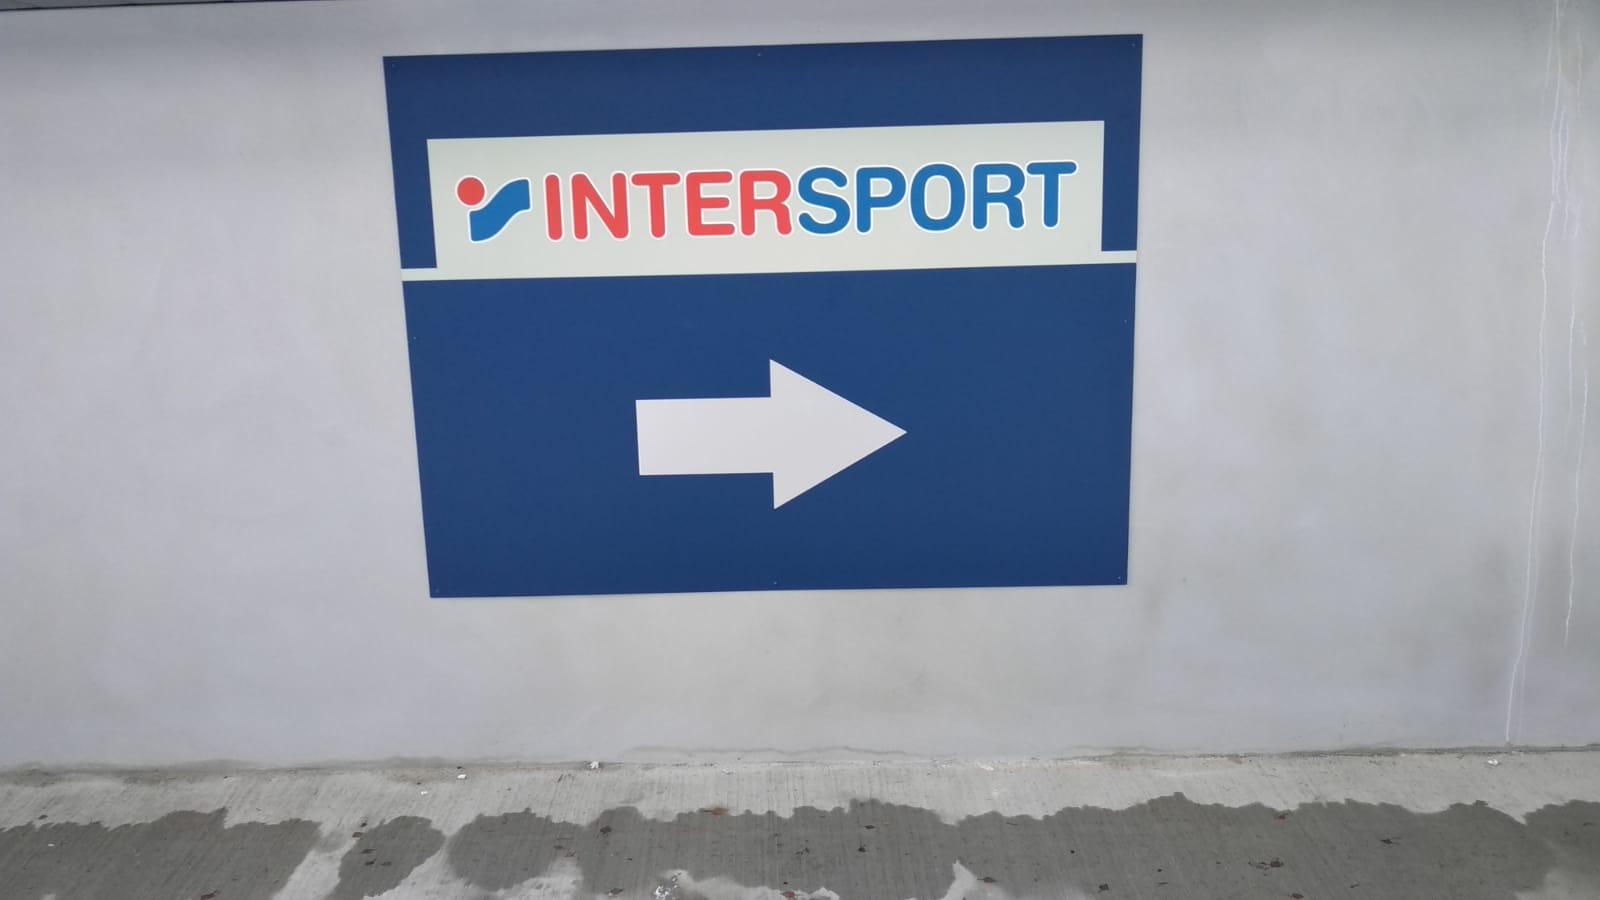 PANNEAU IMPRESSION NUMÉRIQUE - INTERSPORT - MOUTIER - SAVOIE PUB